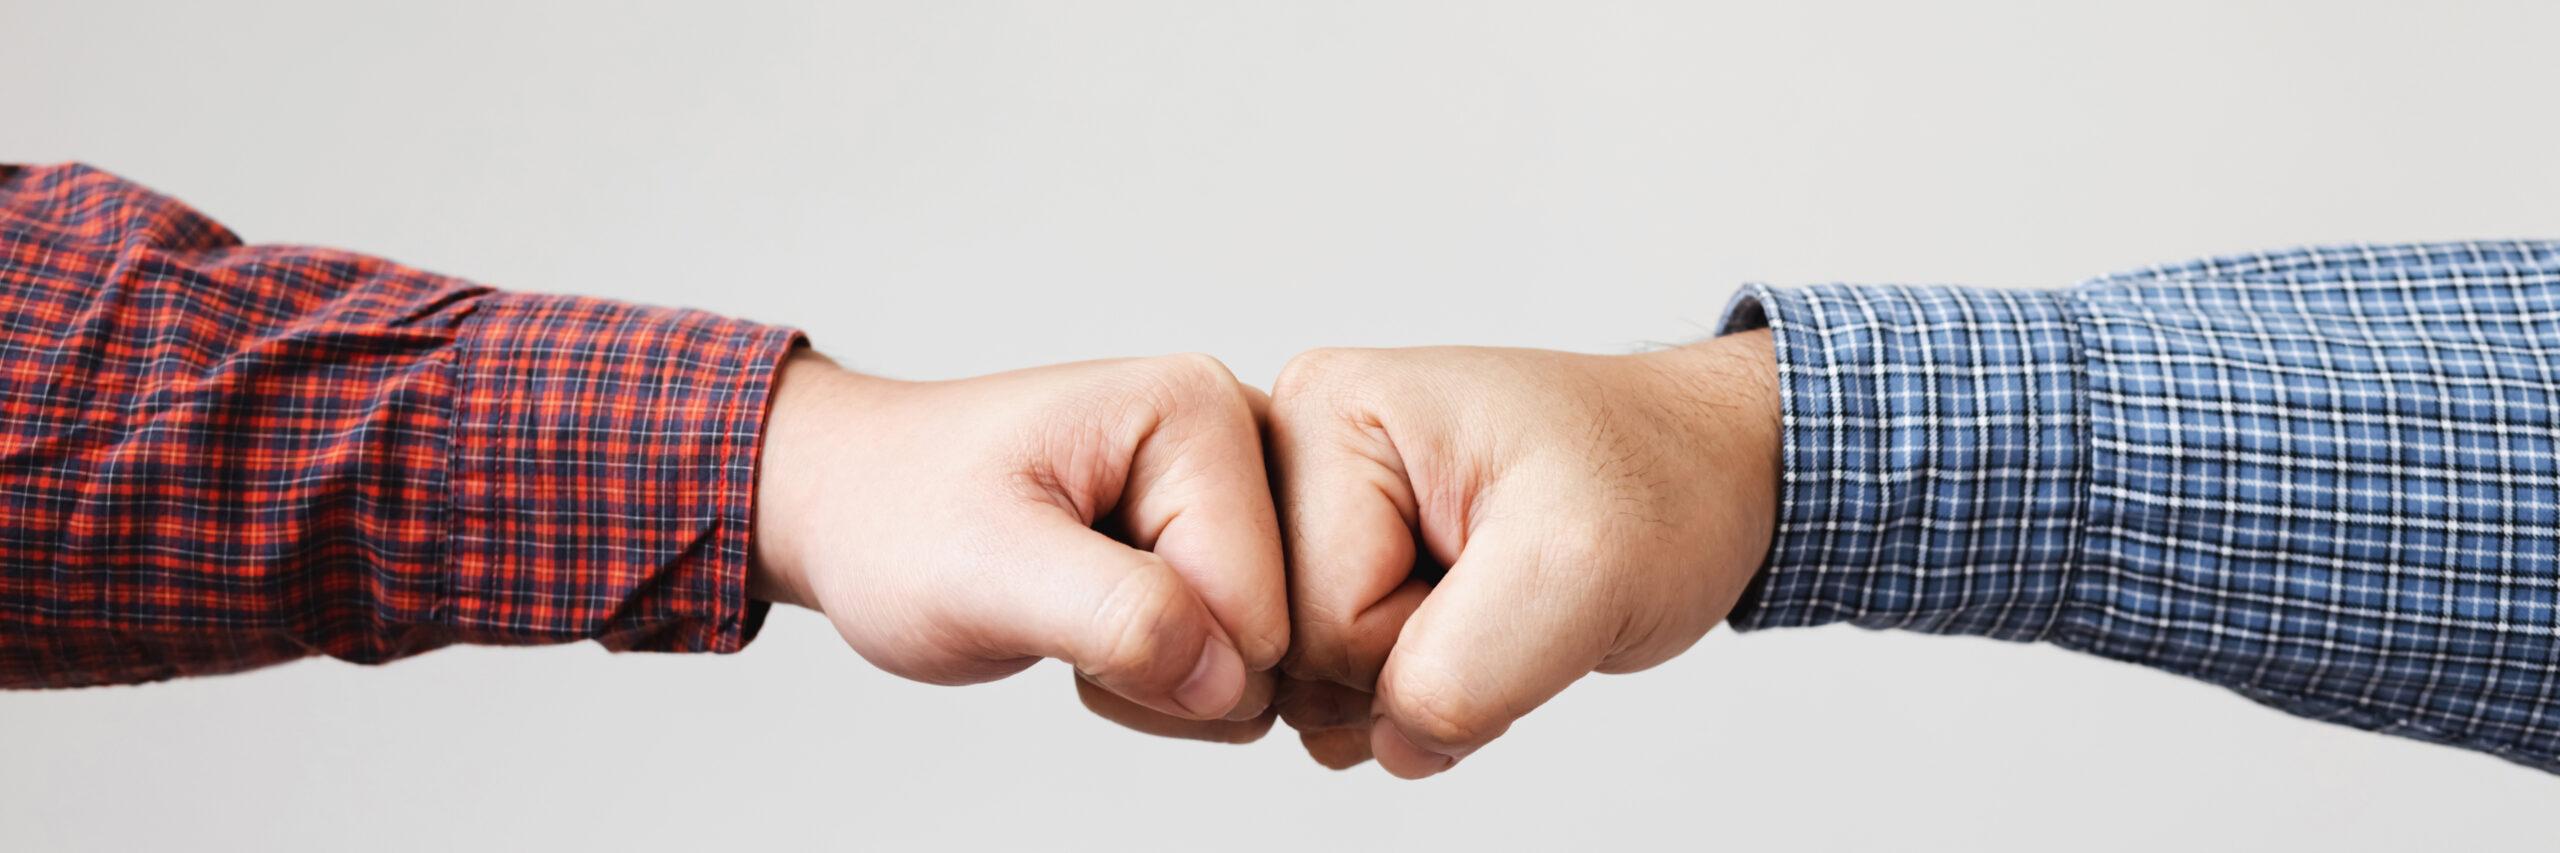 Closeup of arm wrestling or friendly handshake gesture.